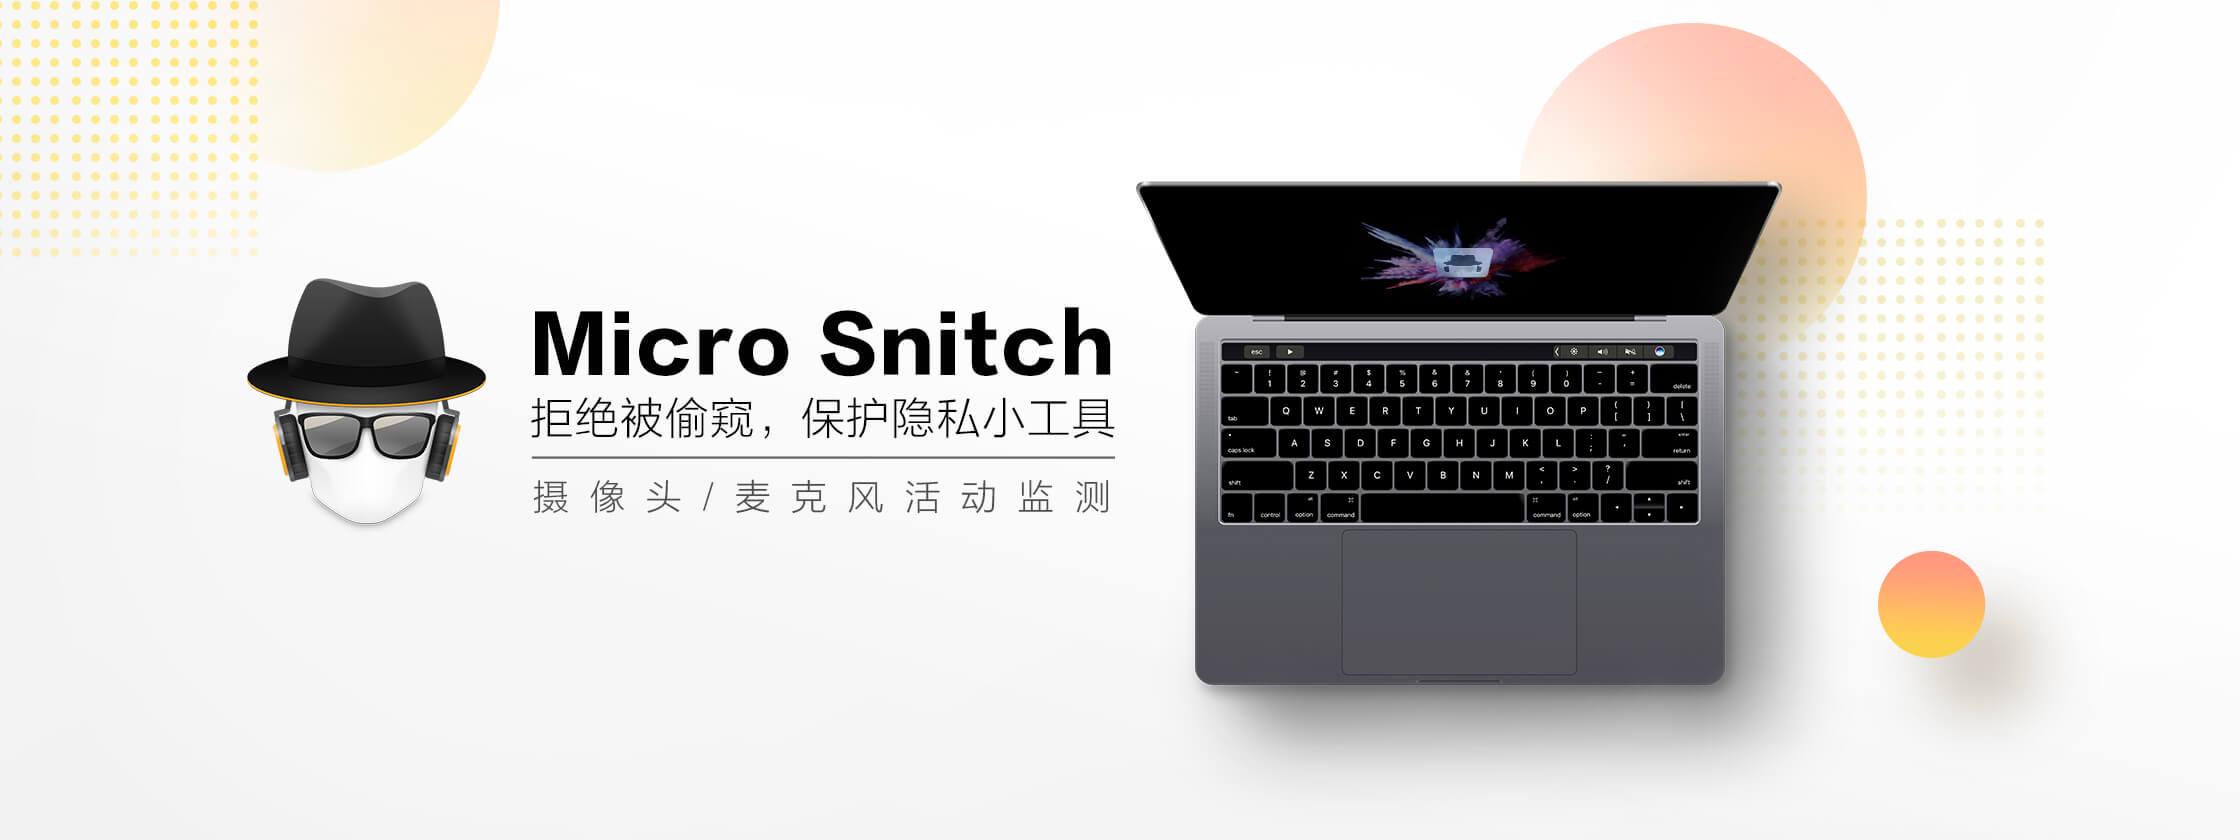 Micro Snitch,摄像头 / 麦克风防监控工具